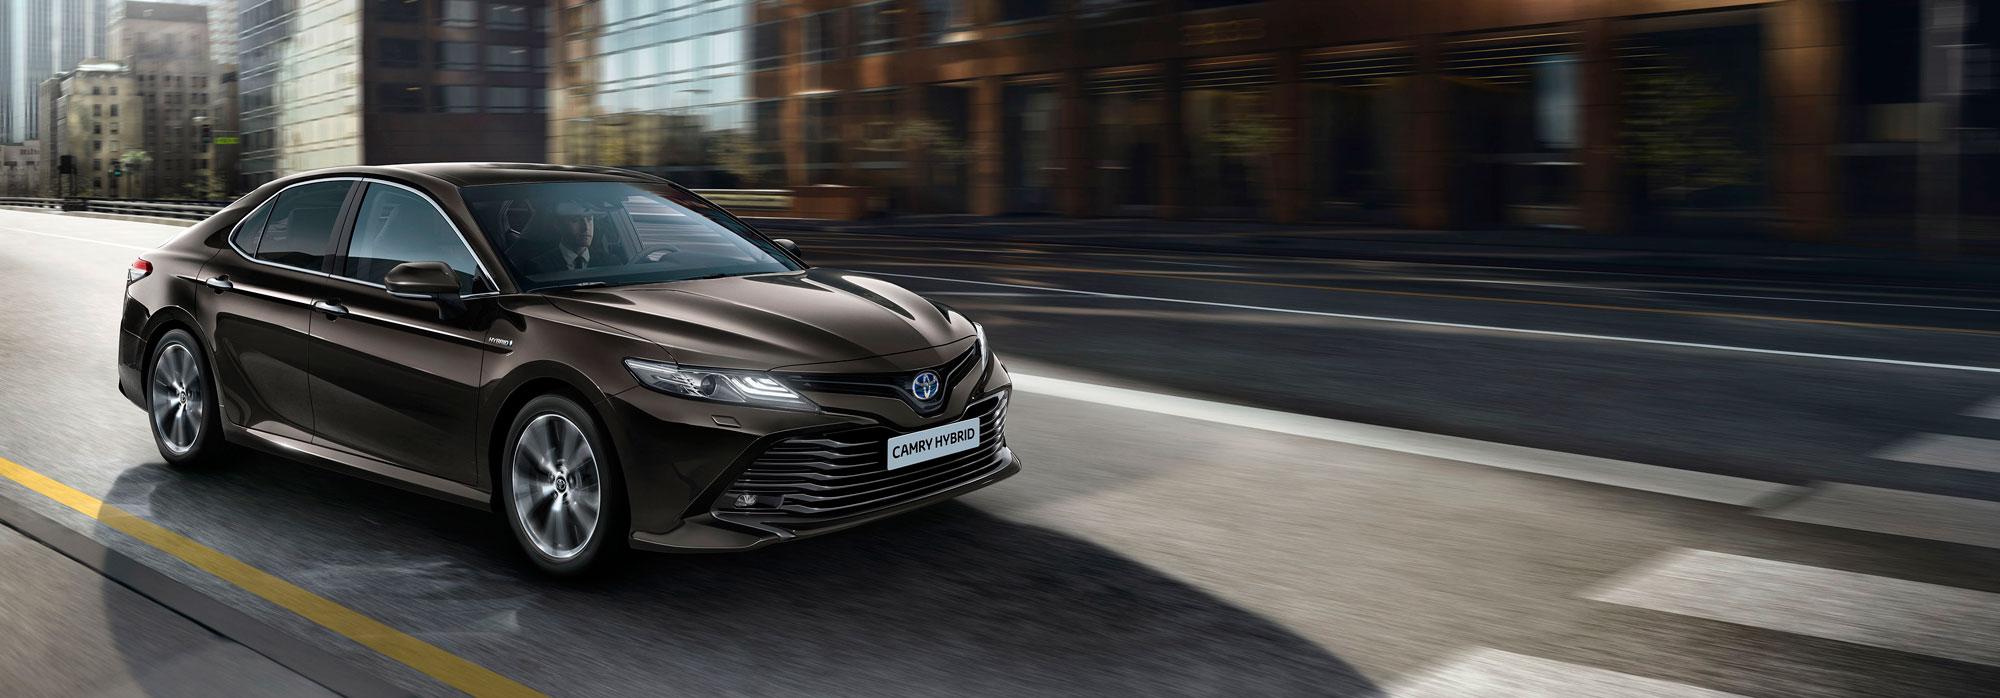 Nieuwe-Toyota-Camry rijden